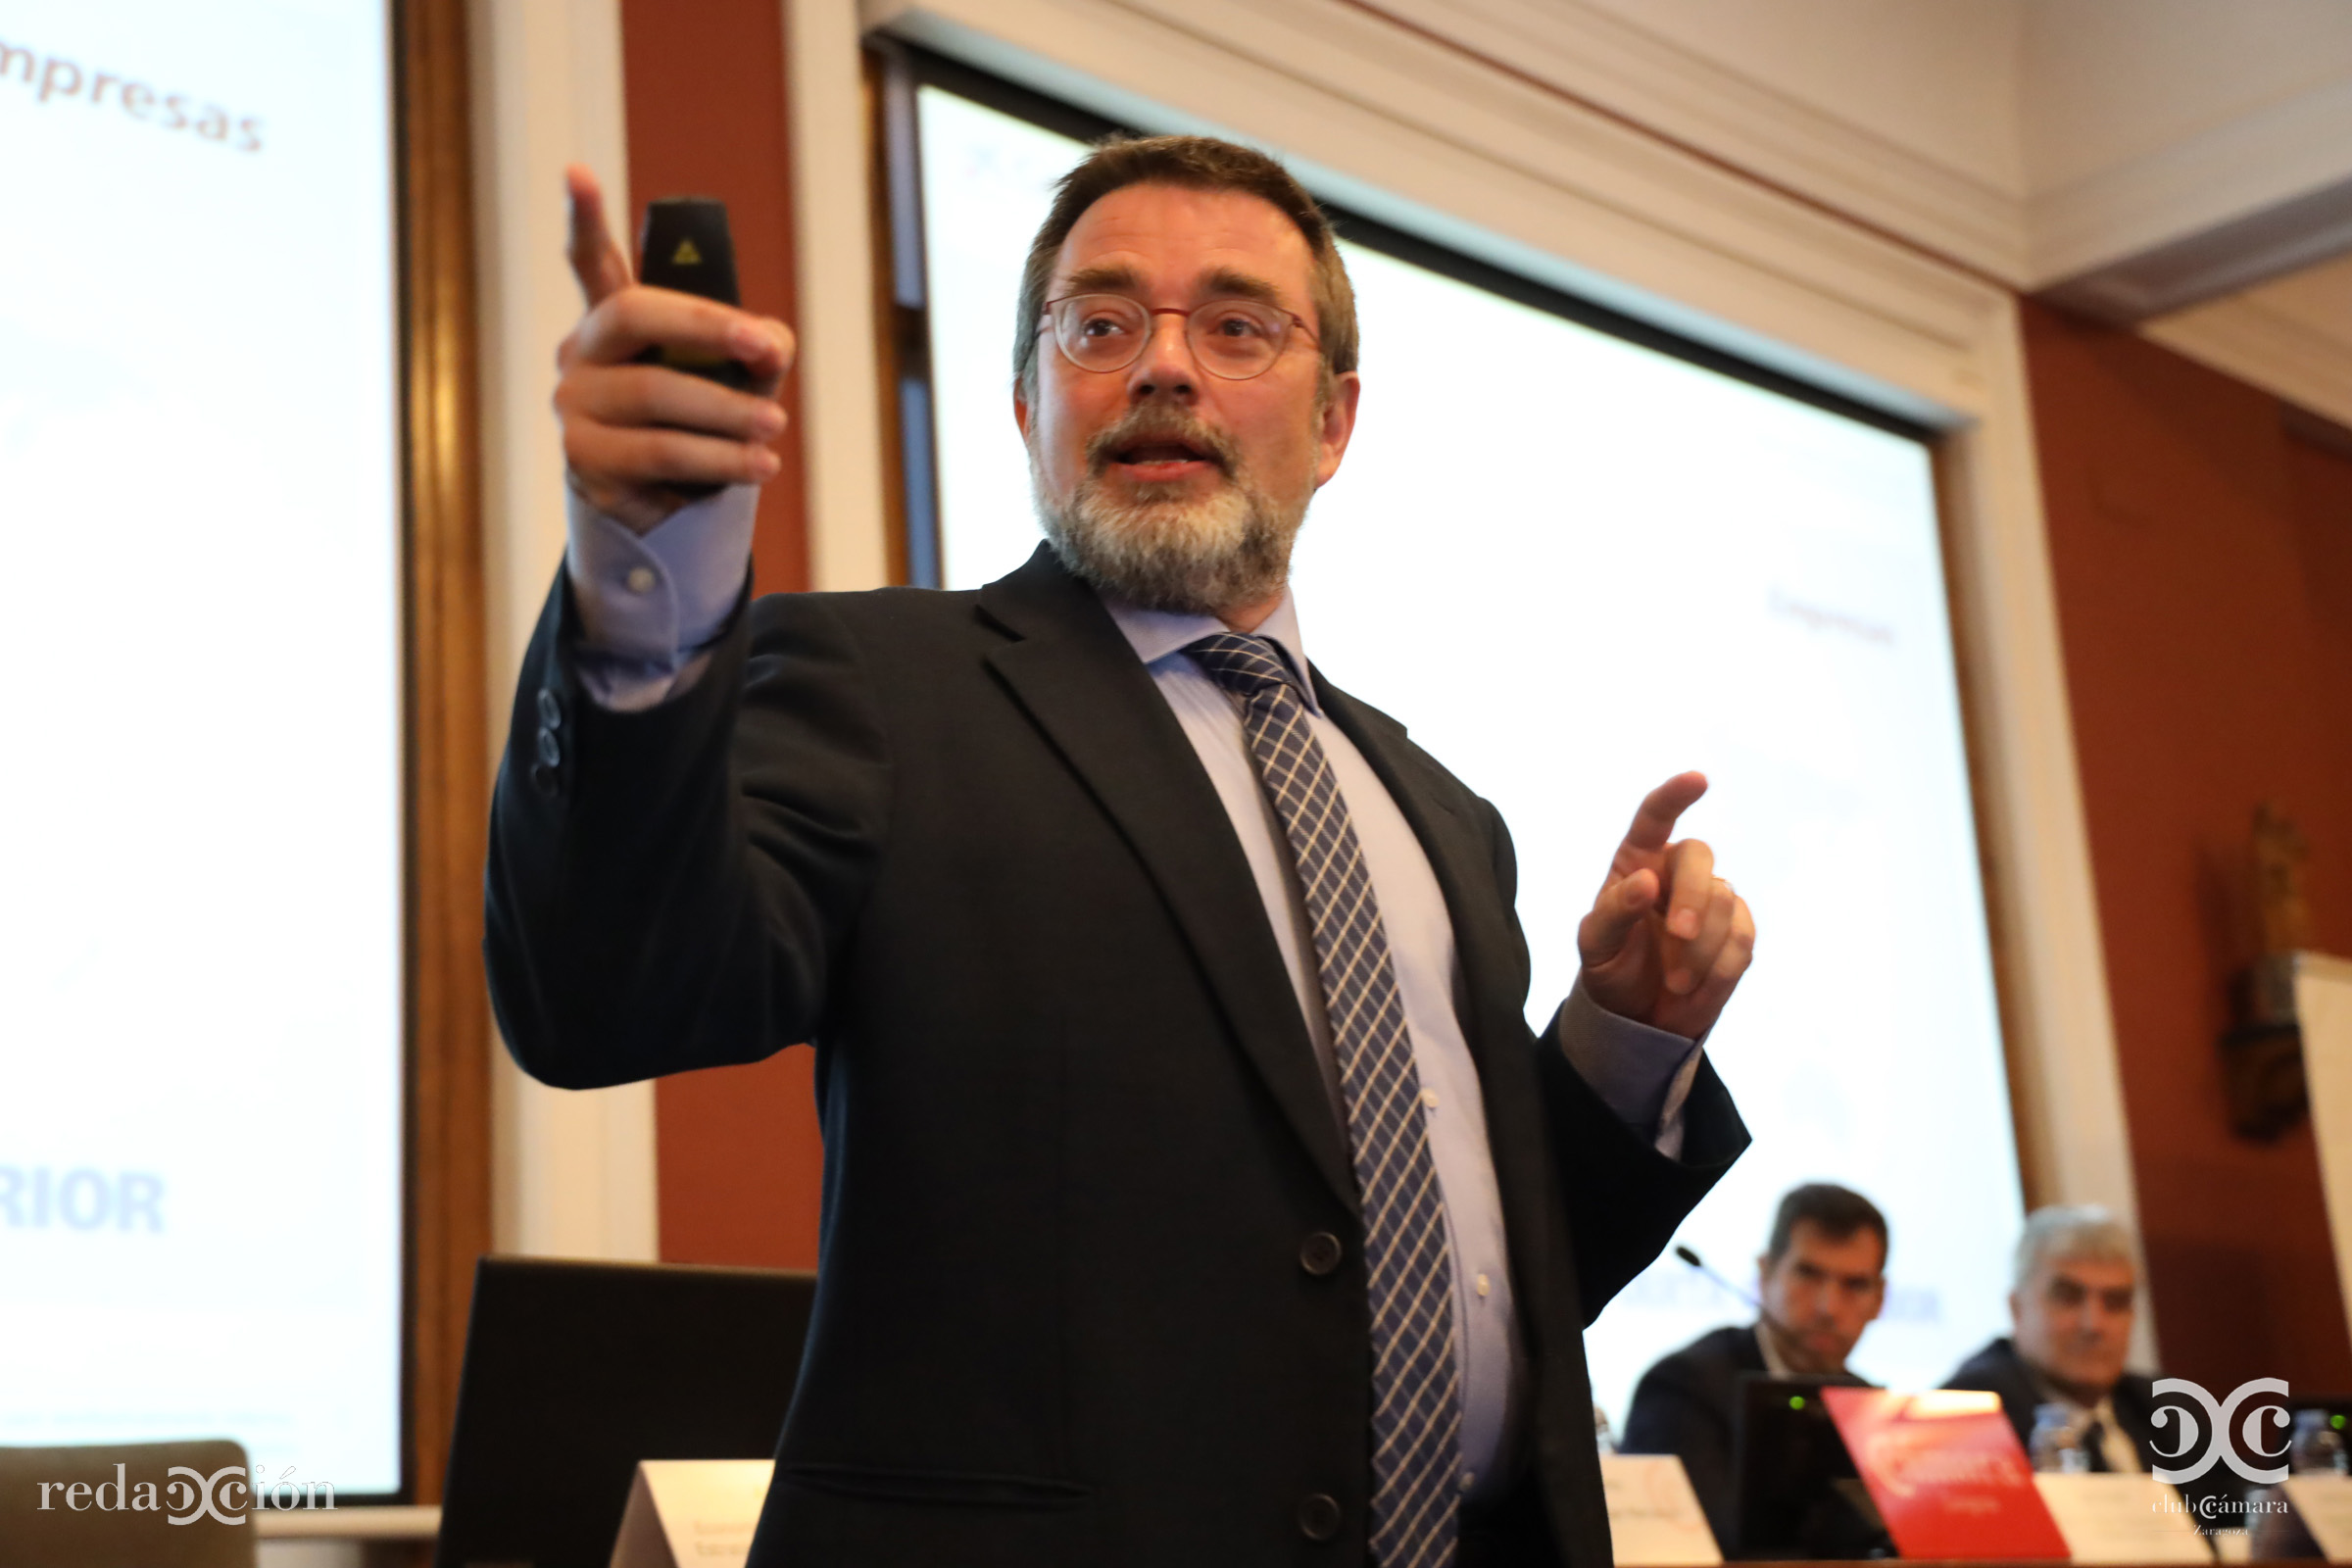 Alejandro Ruiz, CaixaBank